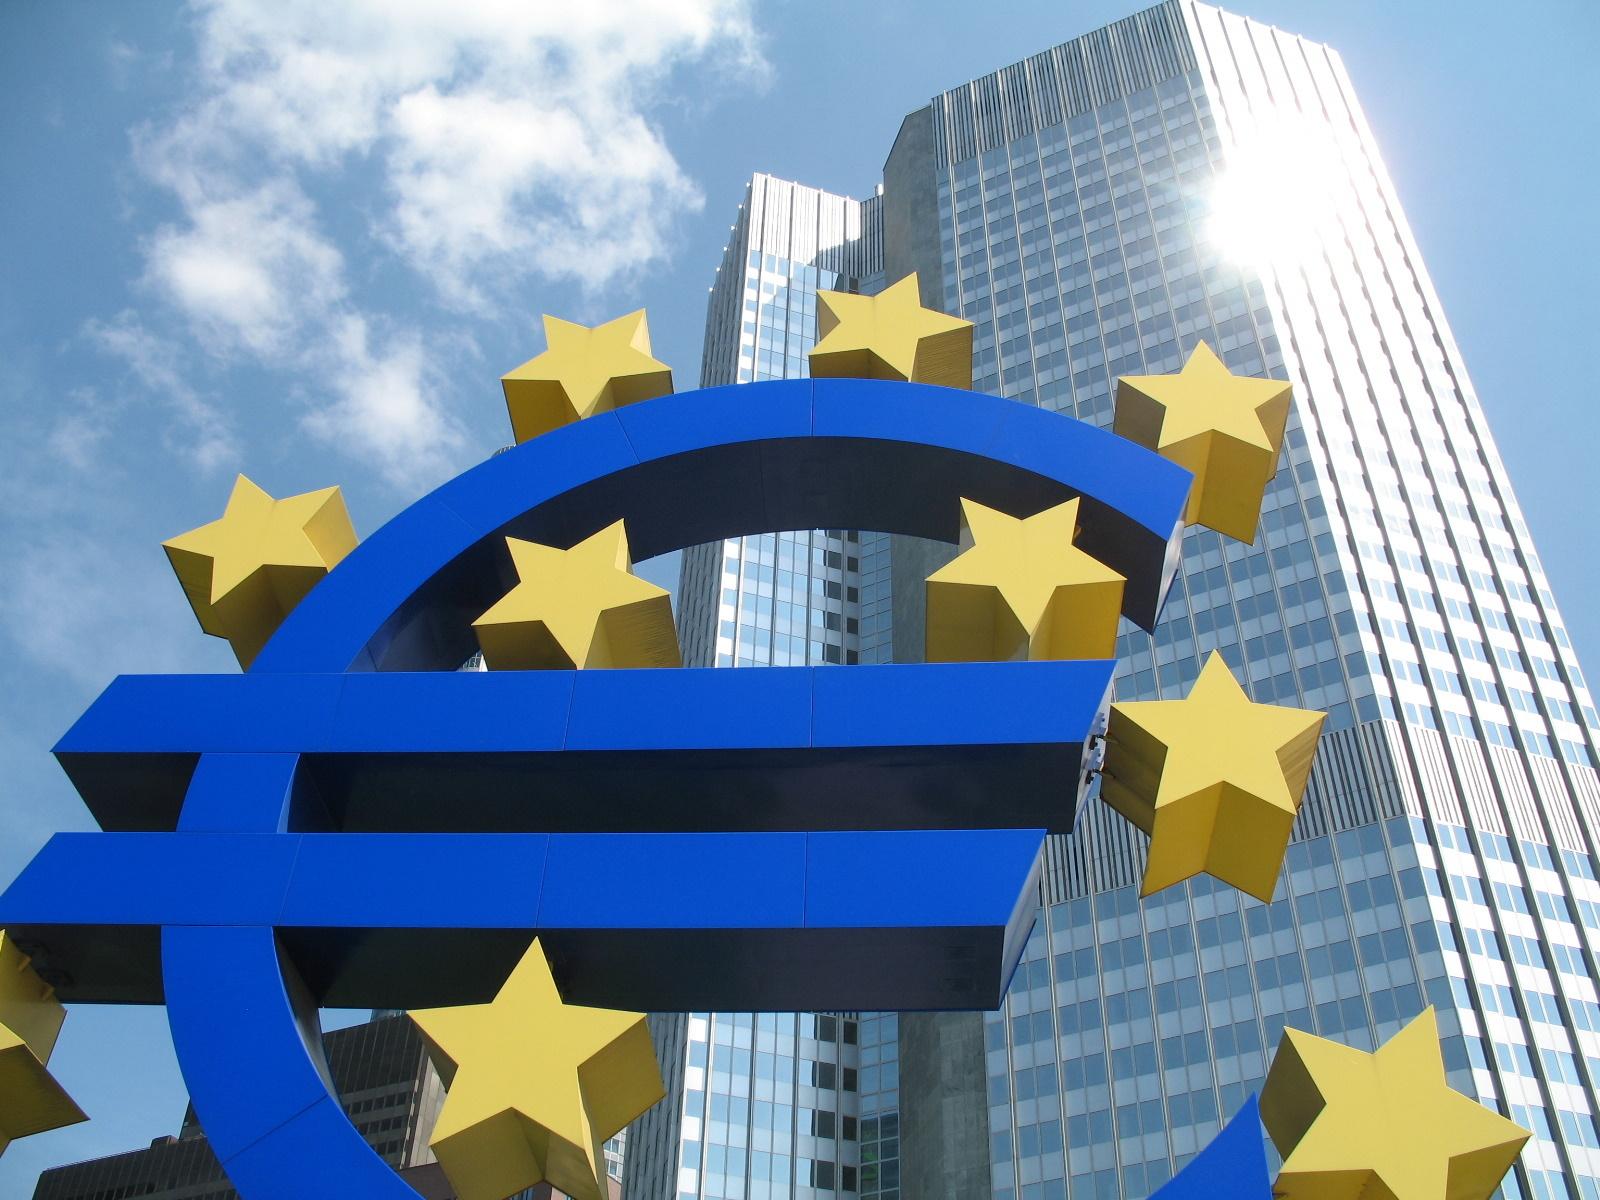 FONDI UE: A RISCHIO 9 MILIARDI. NEI CONFRONTI DELL'UE L'ITALIA DA' PIU' DI QUANTO RICEVE